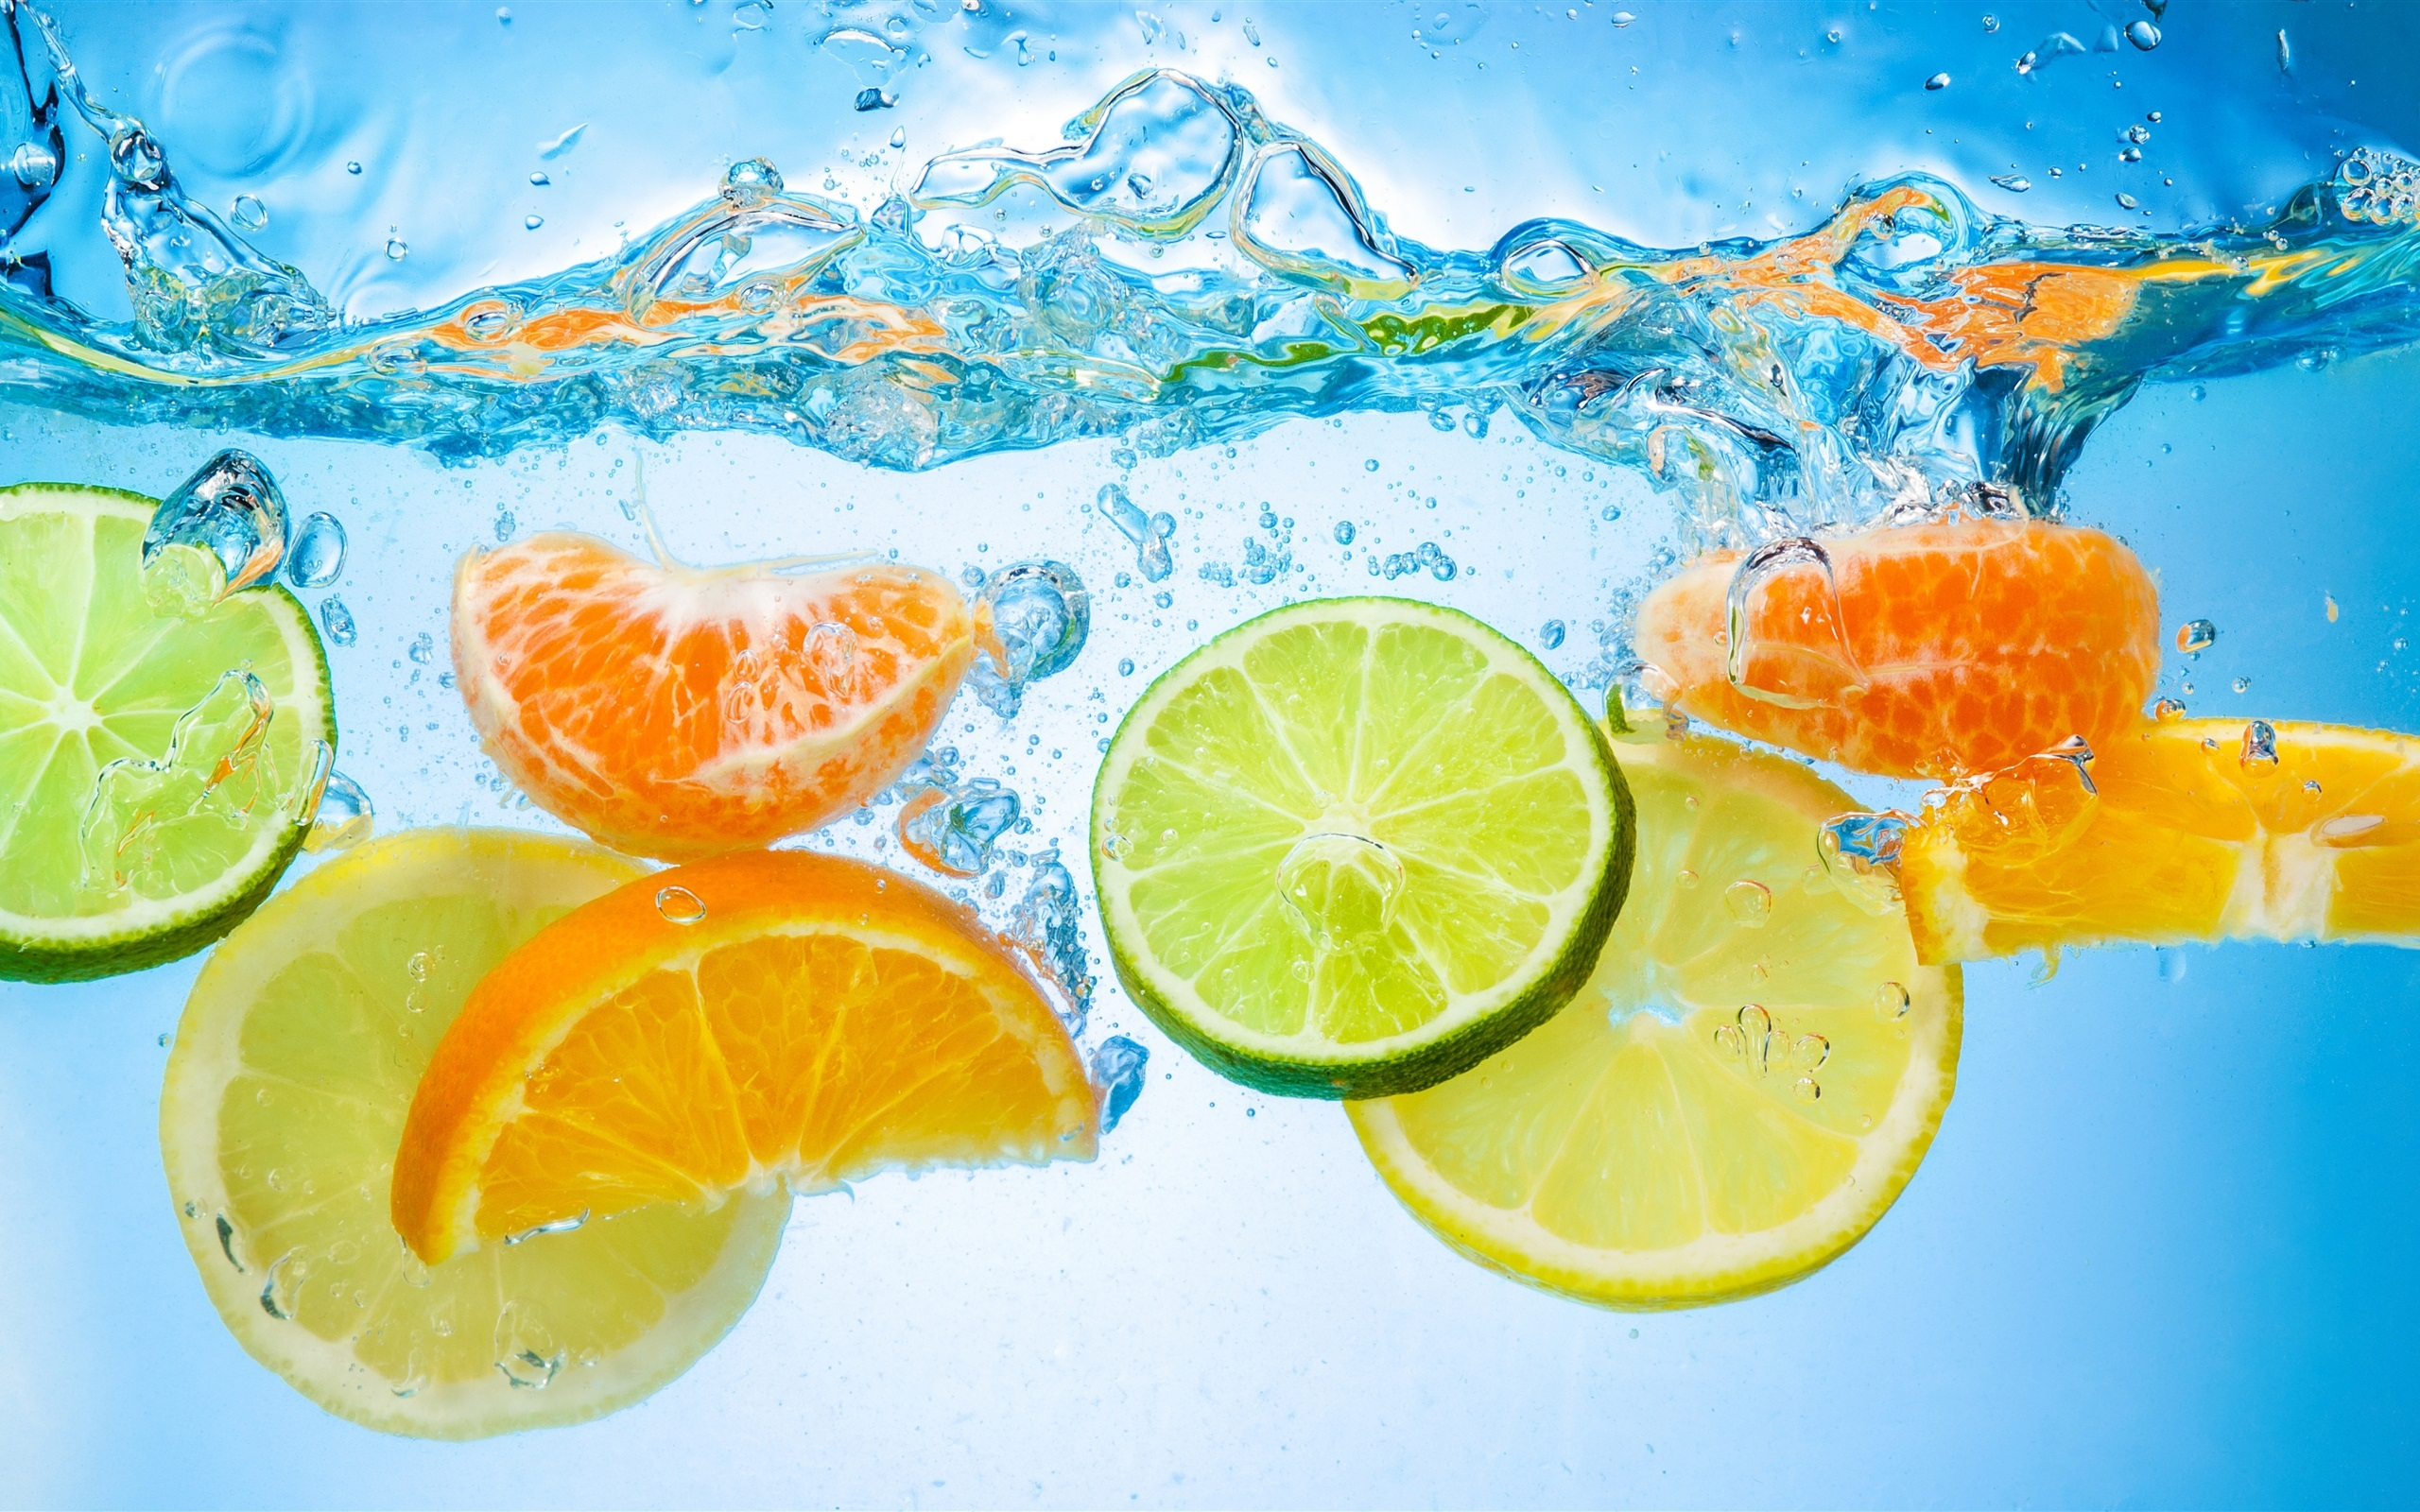 壁紙 フルーツカットピース 水 柑橘類 クローズアップ 2560x1600 Hd 無料のデスクトップの背景 画像